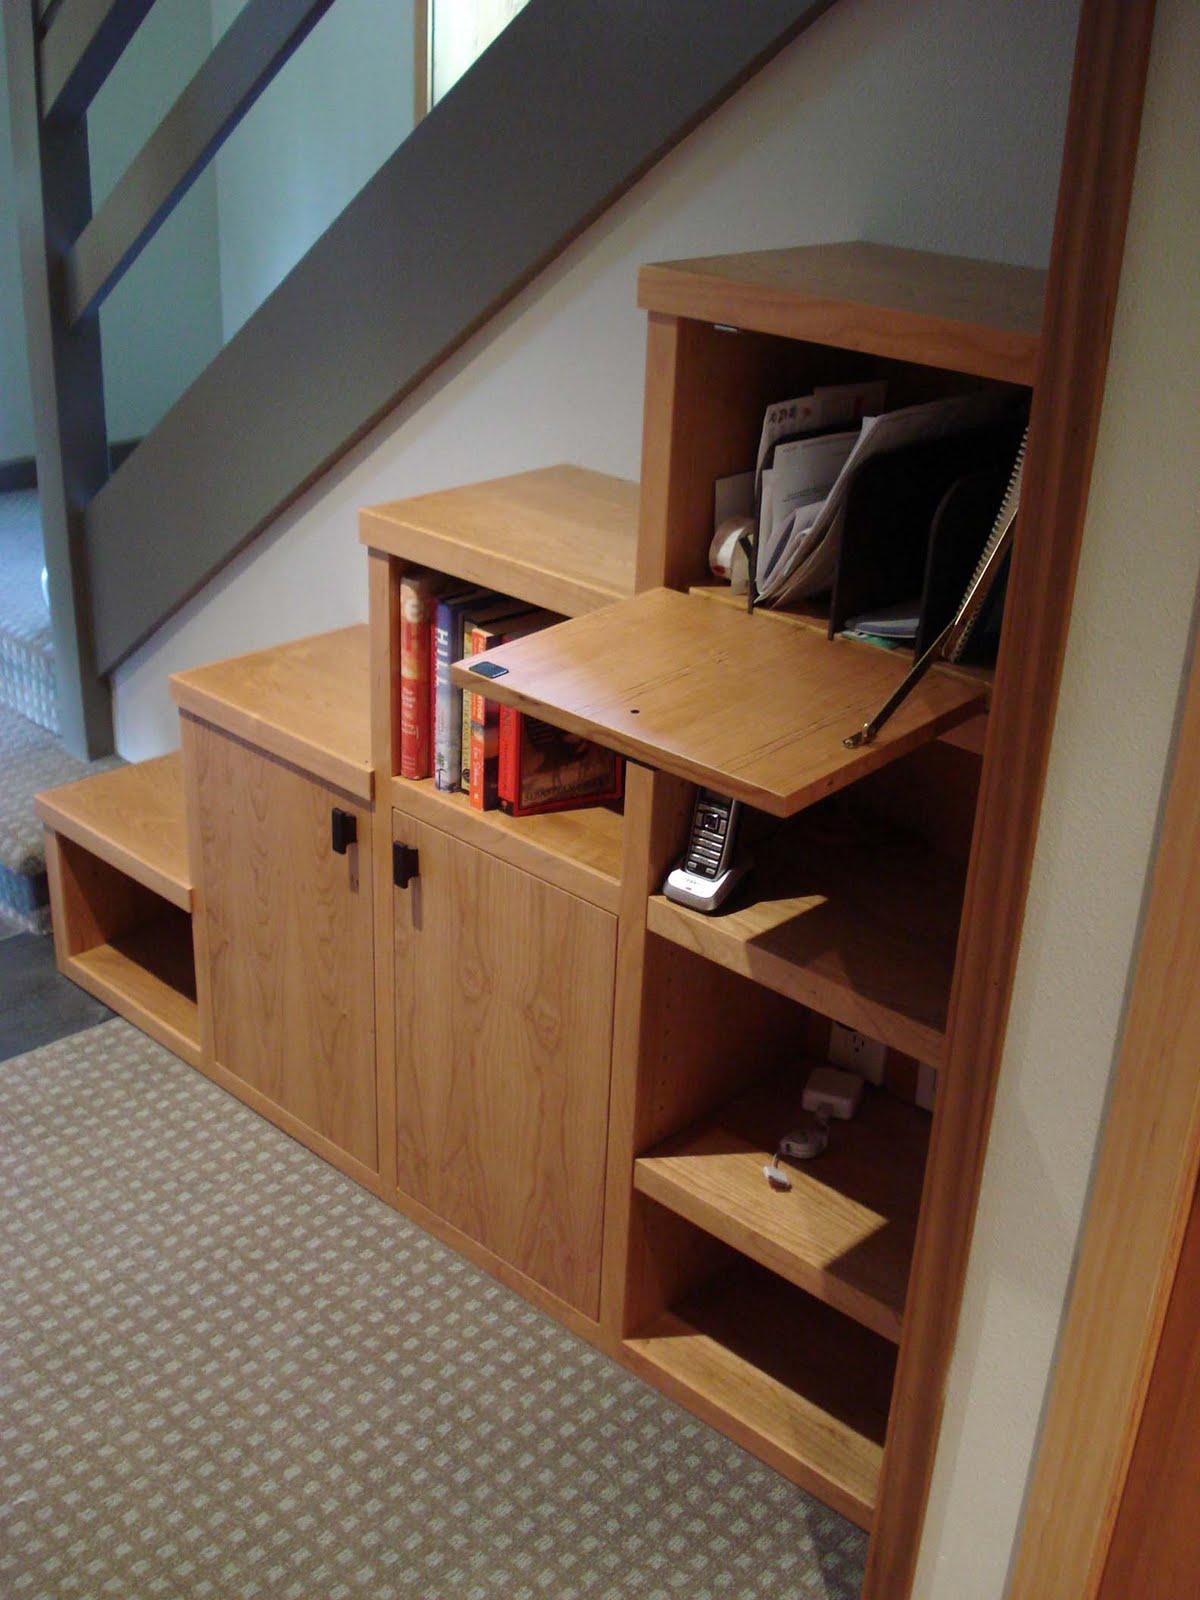 Hardwood design august 2010 - Cabinet design under stairs ...